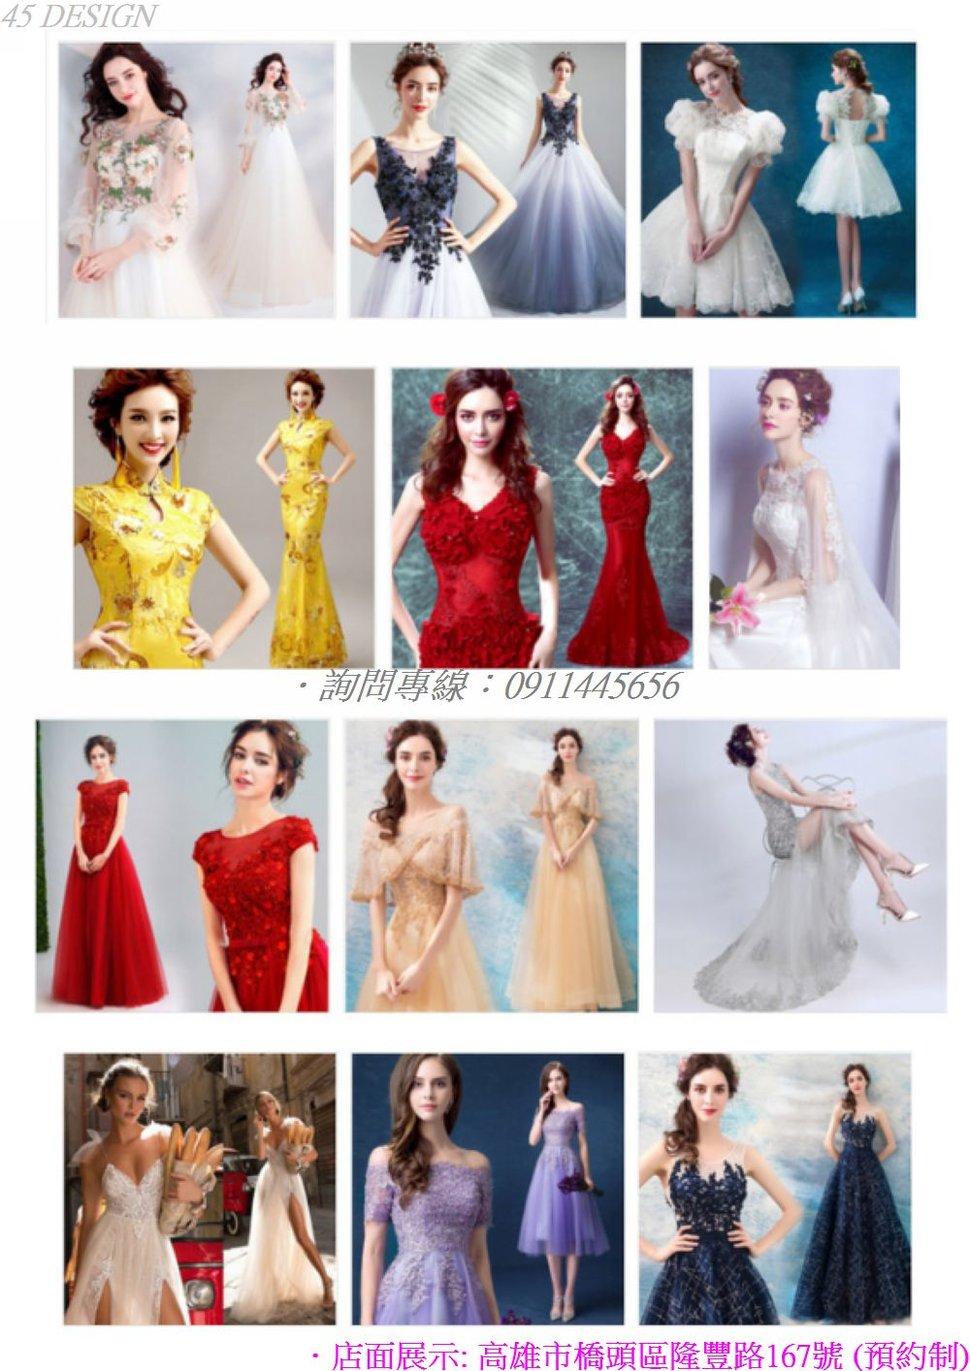 msl1908157271E6F481124F41857221F775C0E3E8 - 全台最便宜-45DESIGN四五婚紗禮服《結婚吧》